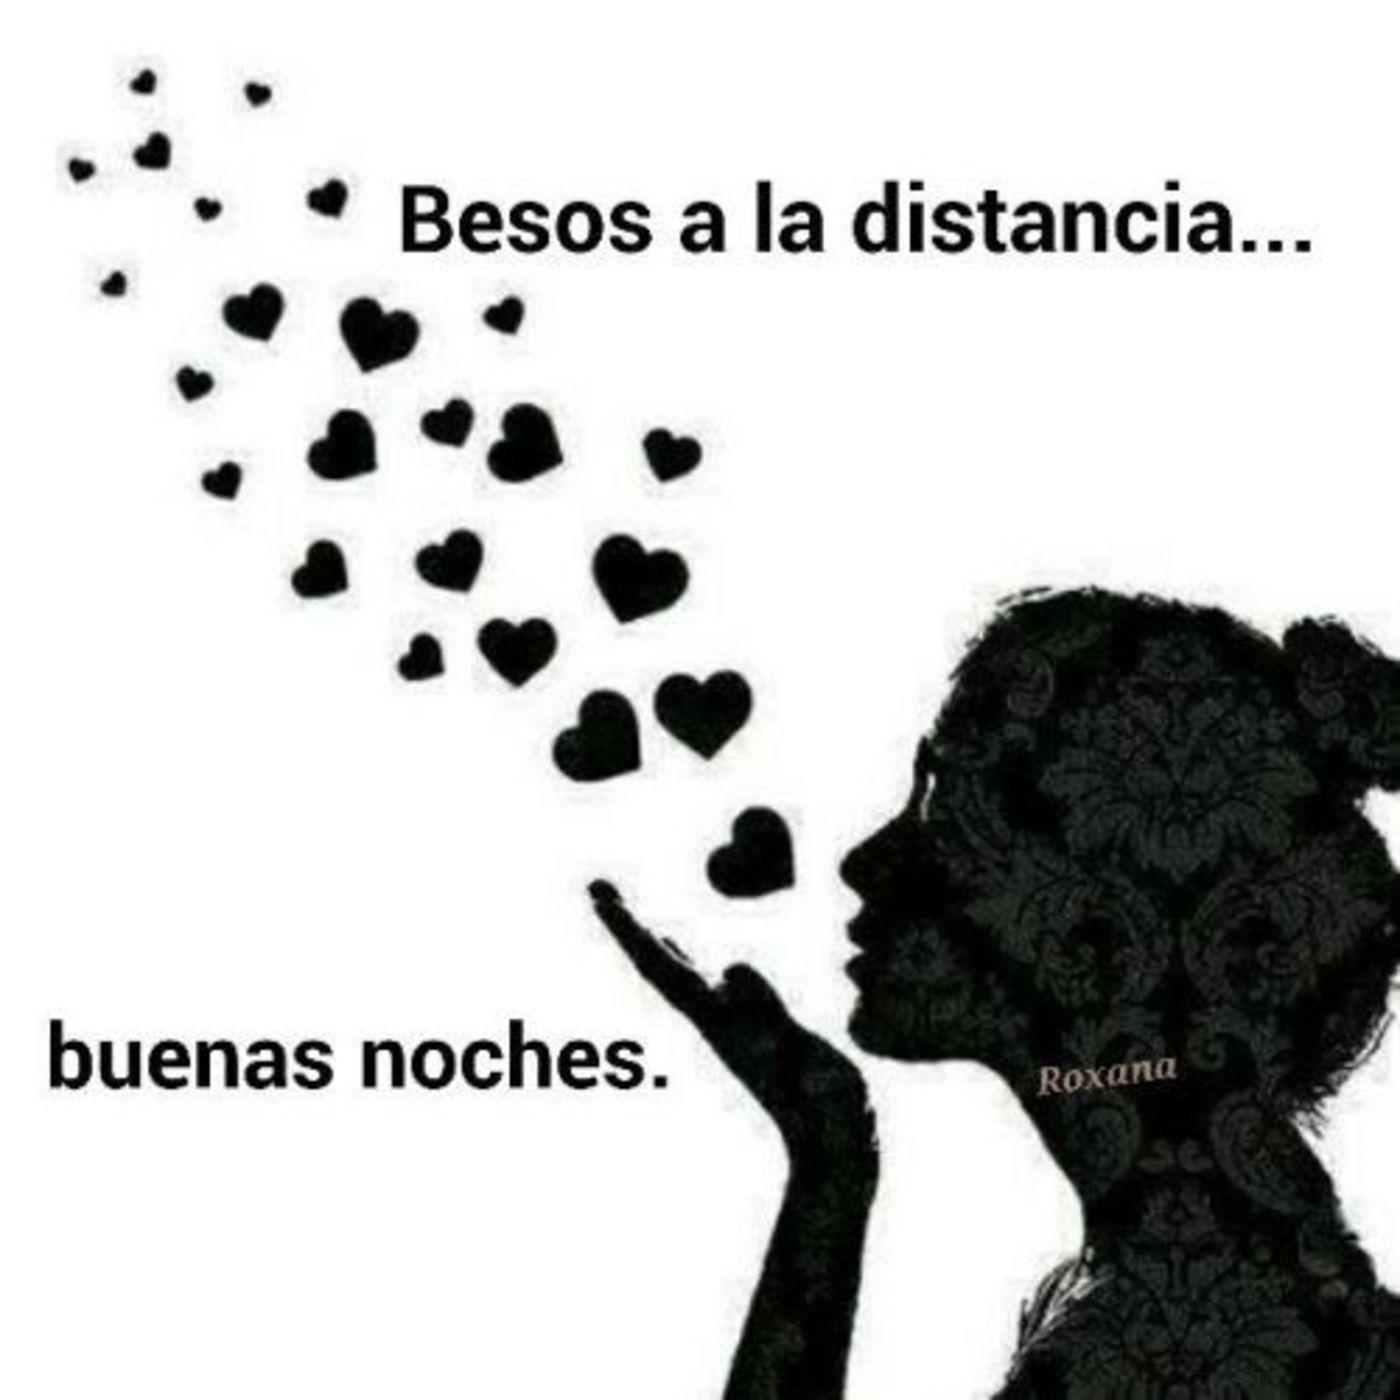 Besos a la distancia...Buenas noches...